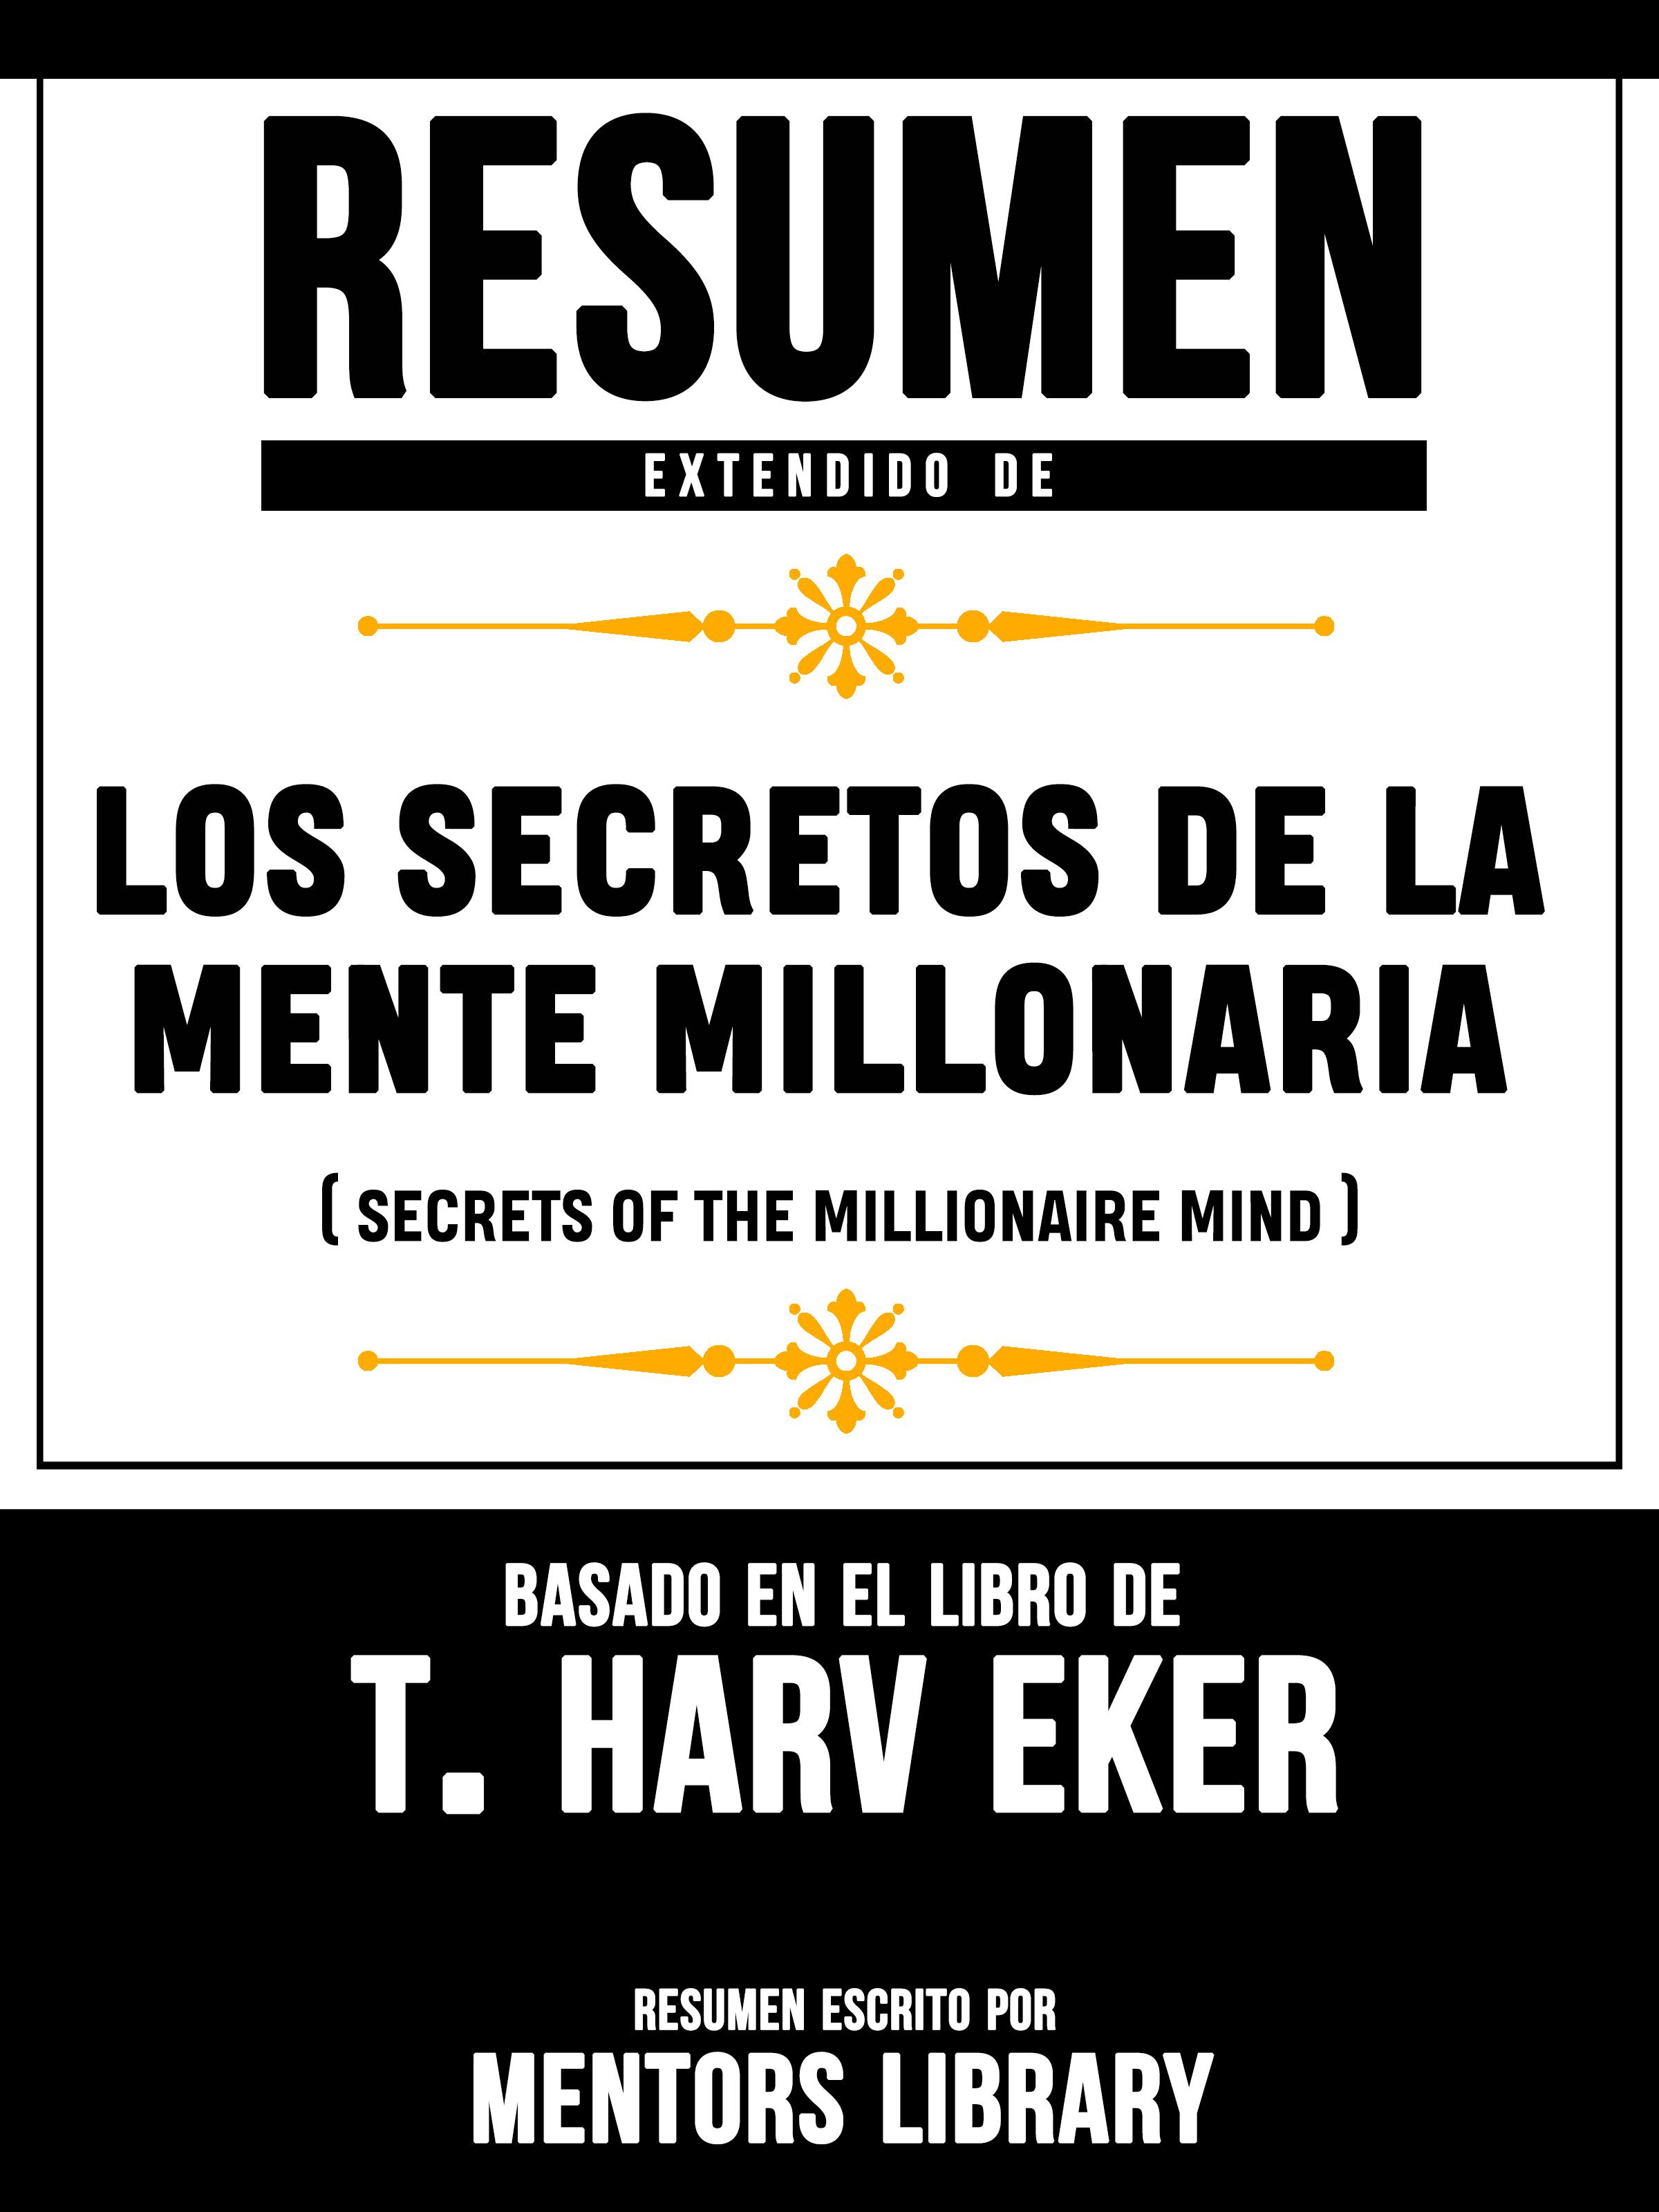 Mentors Library Resumen Extendido De Los Secretos De La Mente Millonaria (Secrets Of The Millionaire Mind) - Basado En El Libro De T. Harv Eker ana martos los senderos secretos de venus